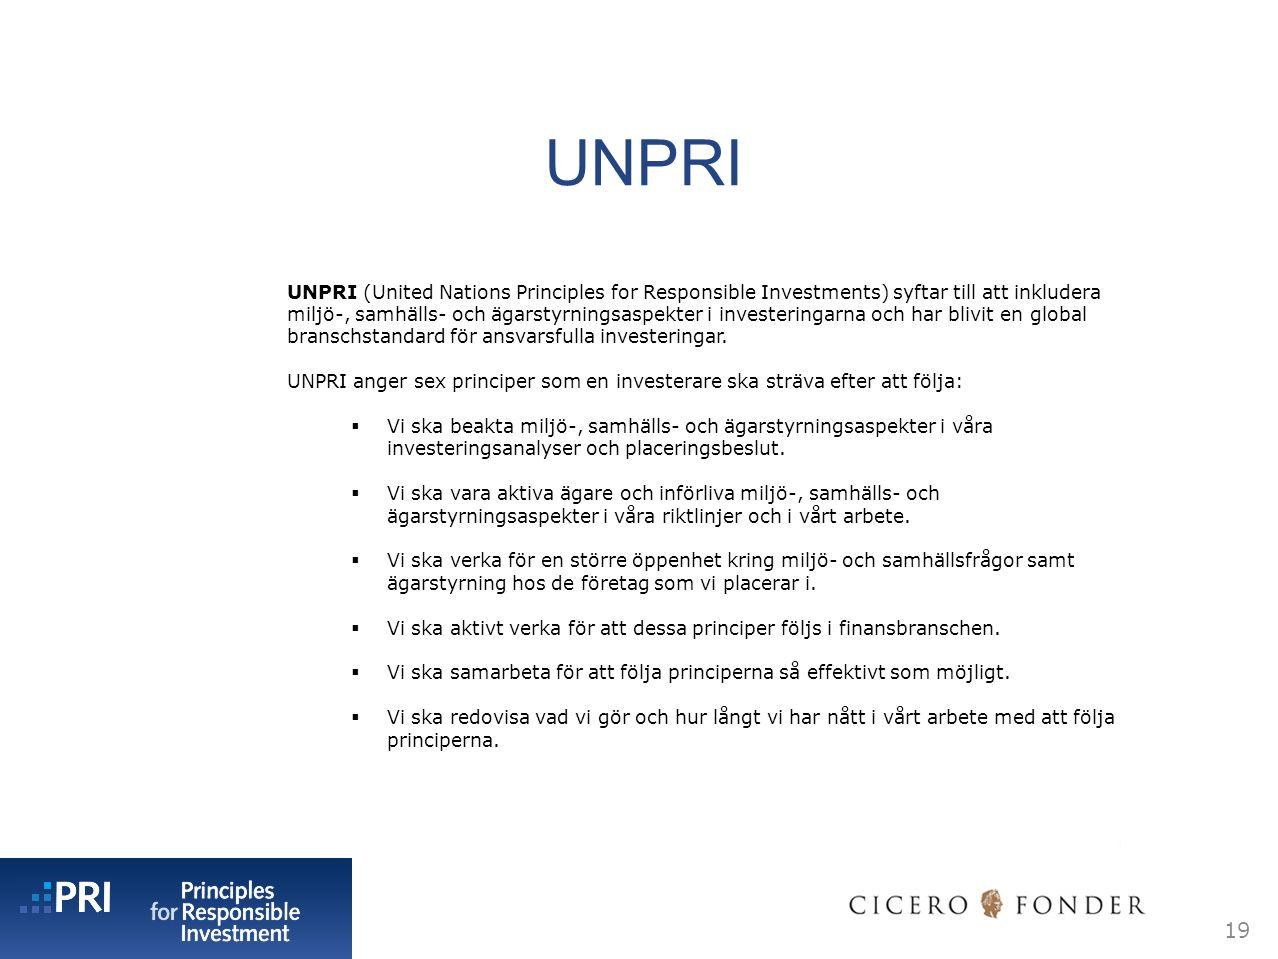 UNPRI 19 UNPRI (United Nations Principles for Responsible Investments) syftar till att inkludera miljö-, samhälls- och ägarstyrningsaspekter i investeringarna och har blivit en global branschstandard för ansvarsfulla investeringar.